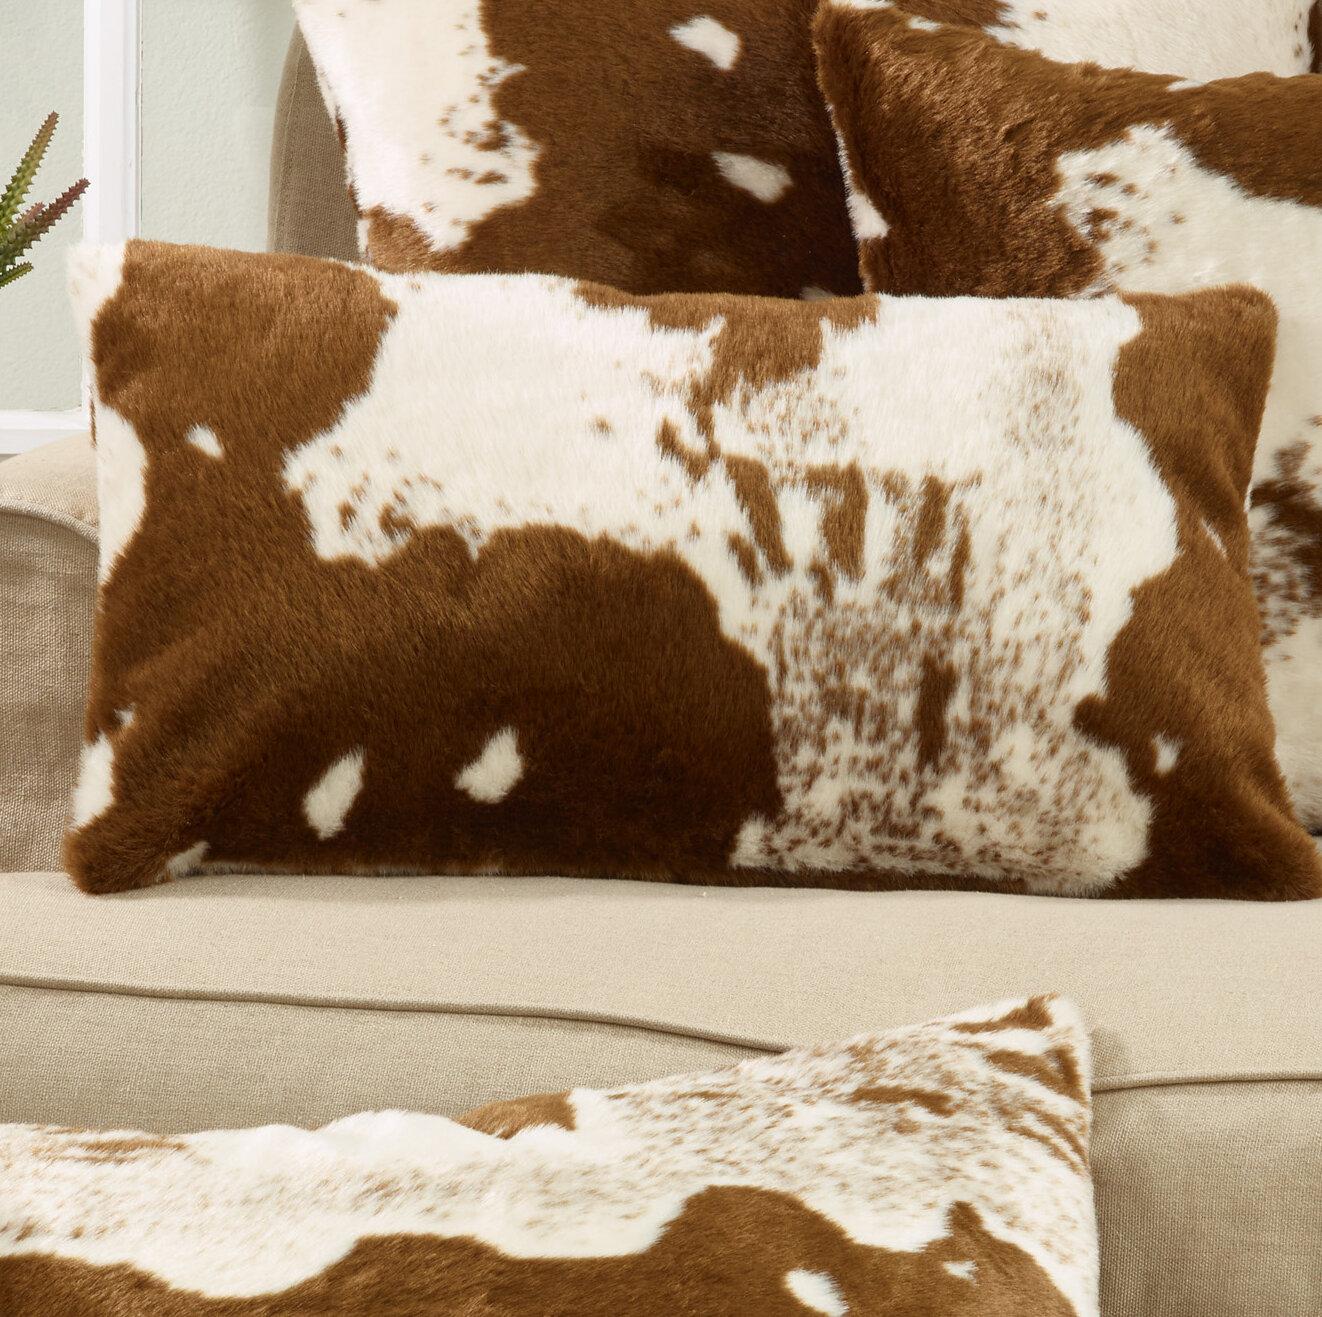 Animal Print Cowhide Throw Pillows You Ll Love In 2021 Wayfair